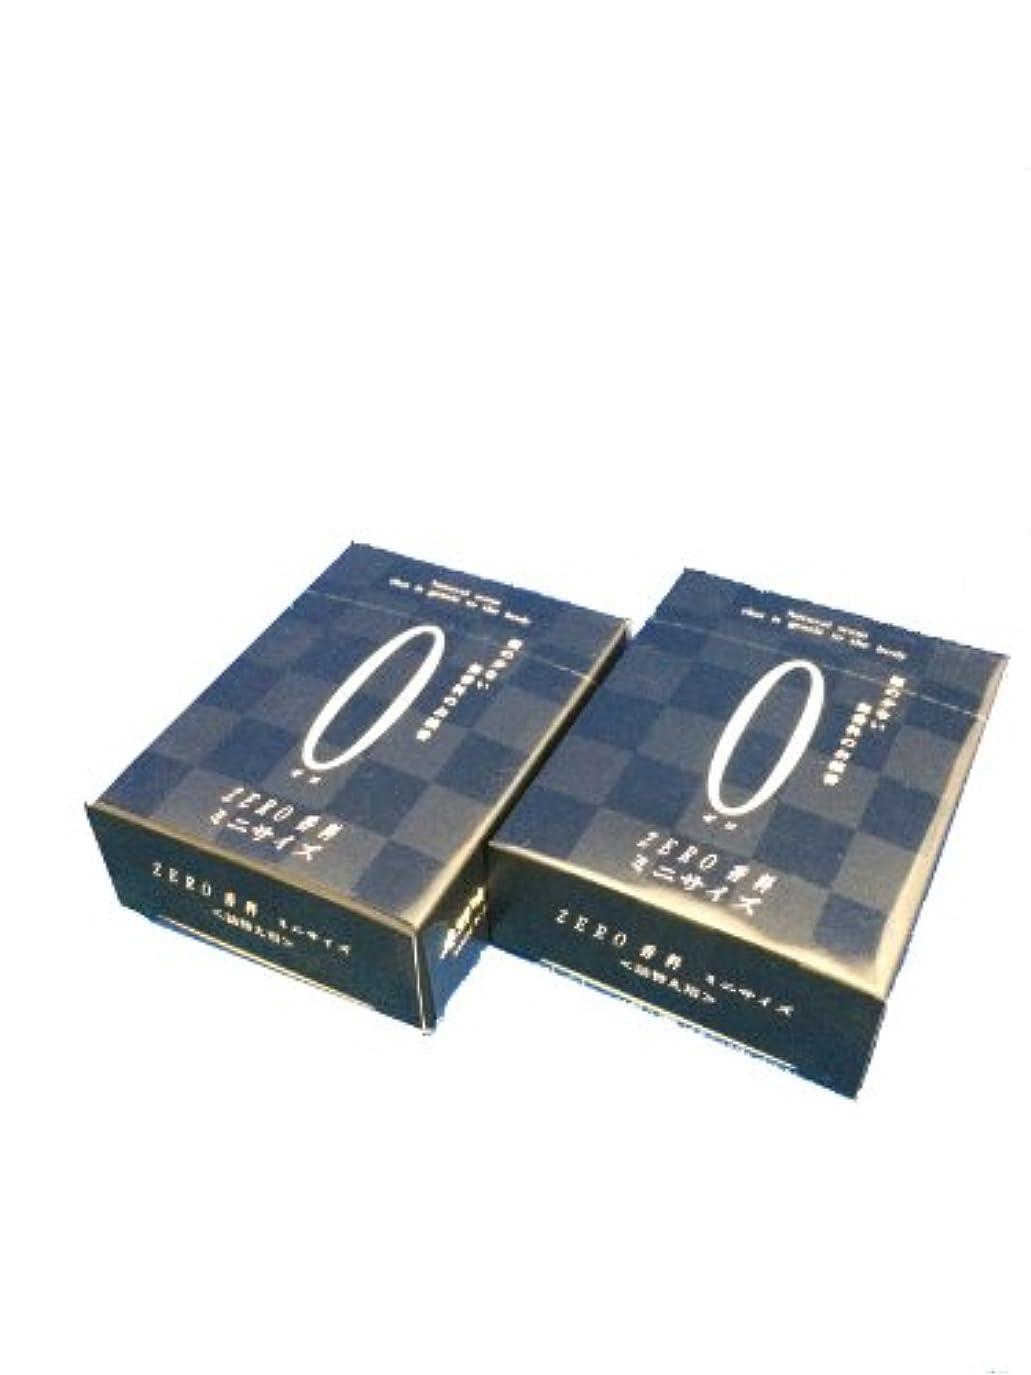 意味のある同化する排除ZERO ゼロ香料 詰め替え用 2個セット ミニ寸 サイズ 約60g